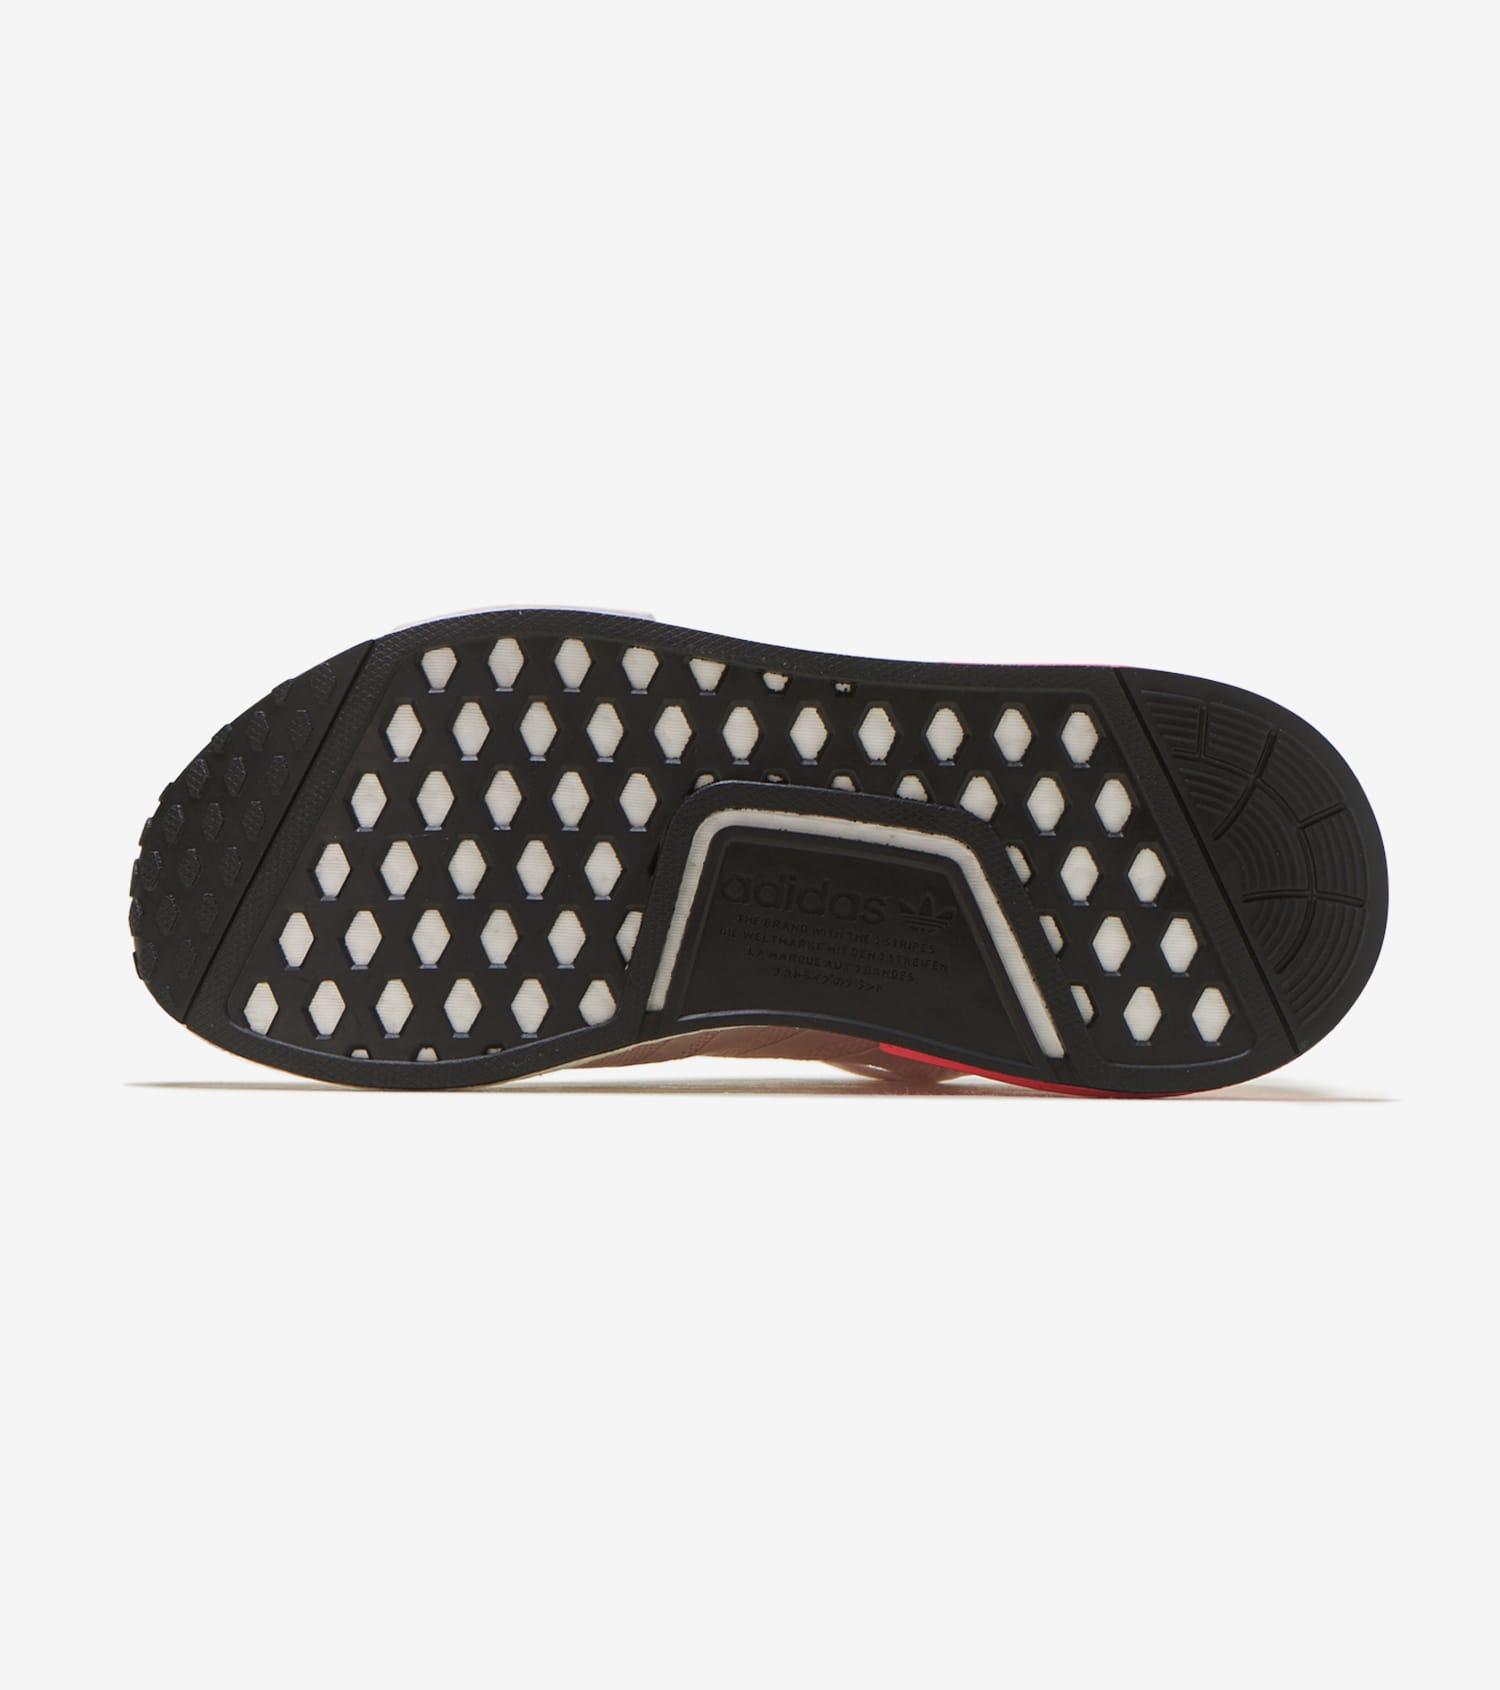 adidas slipper nmd r1